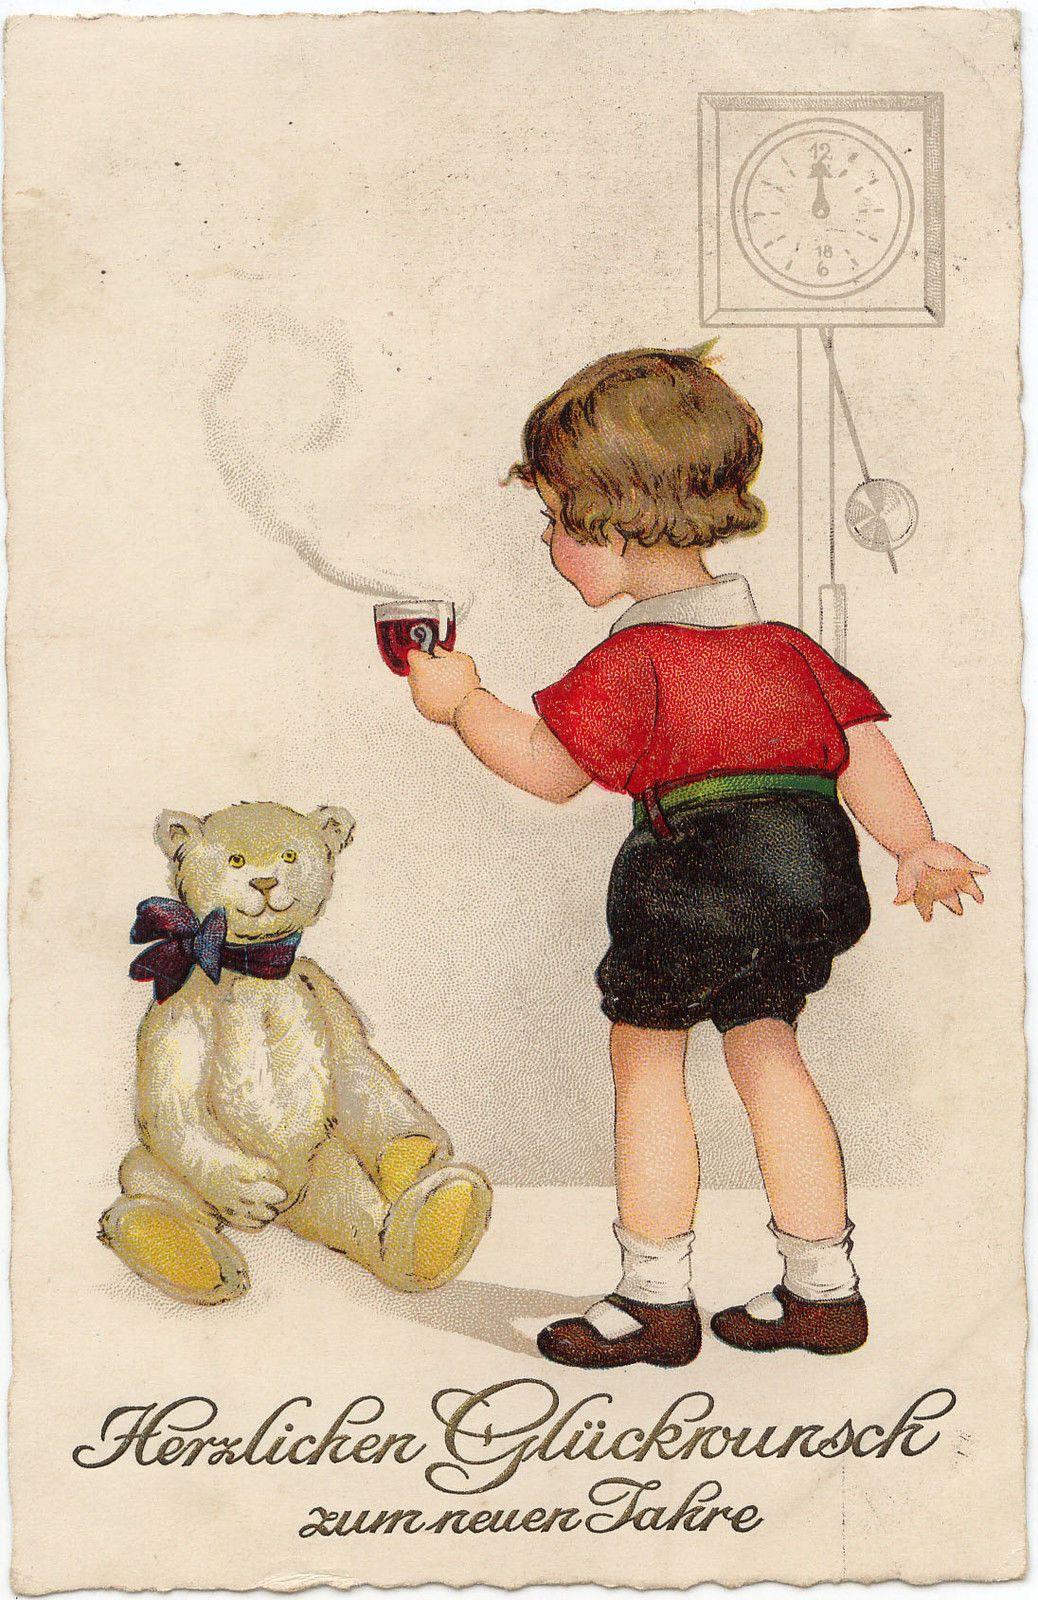 Ak - Glückwunsch zum neuen Jahr! Kind und Teddybär | eBay